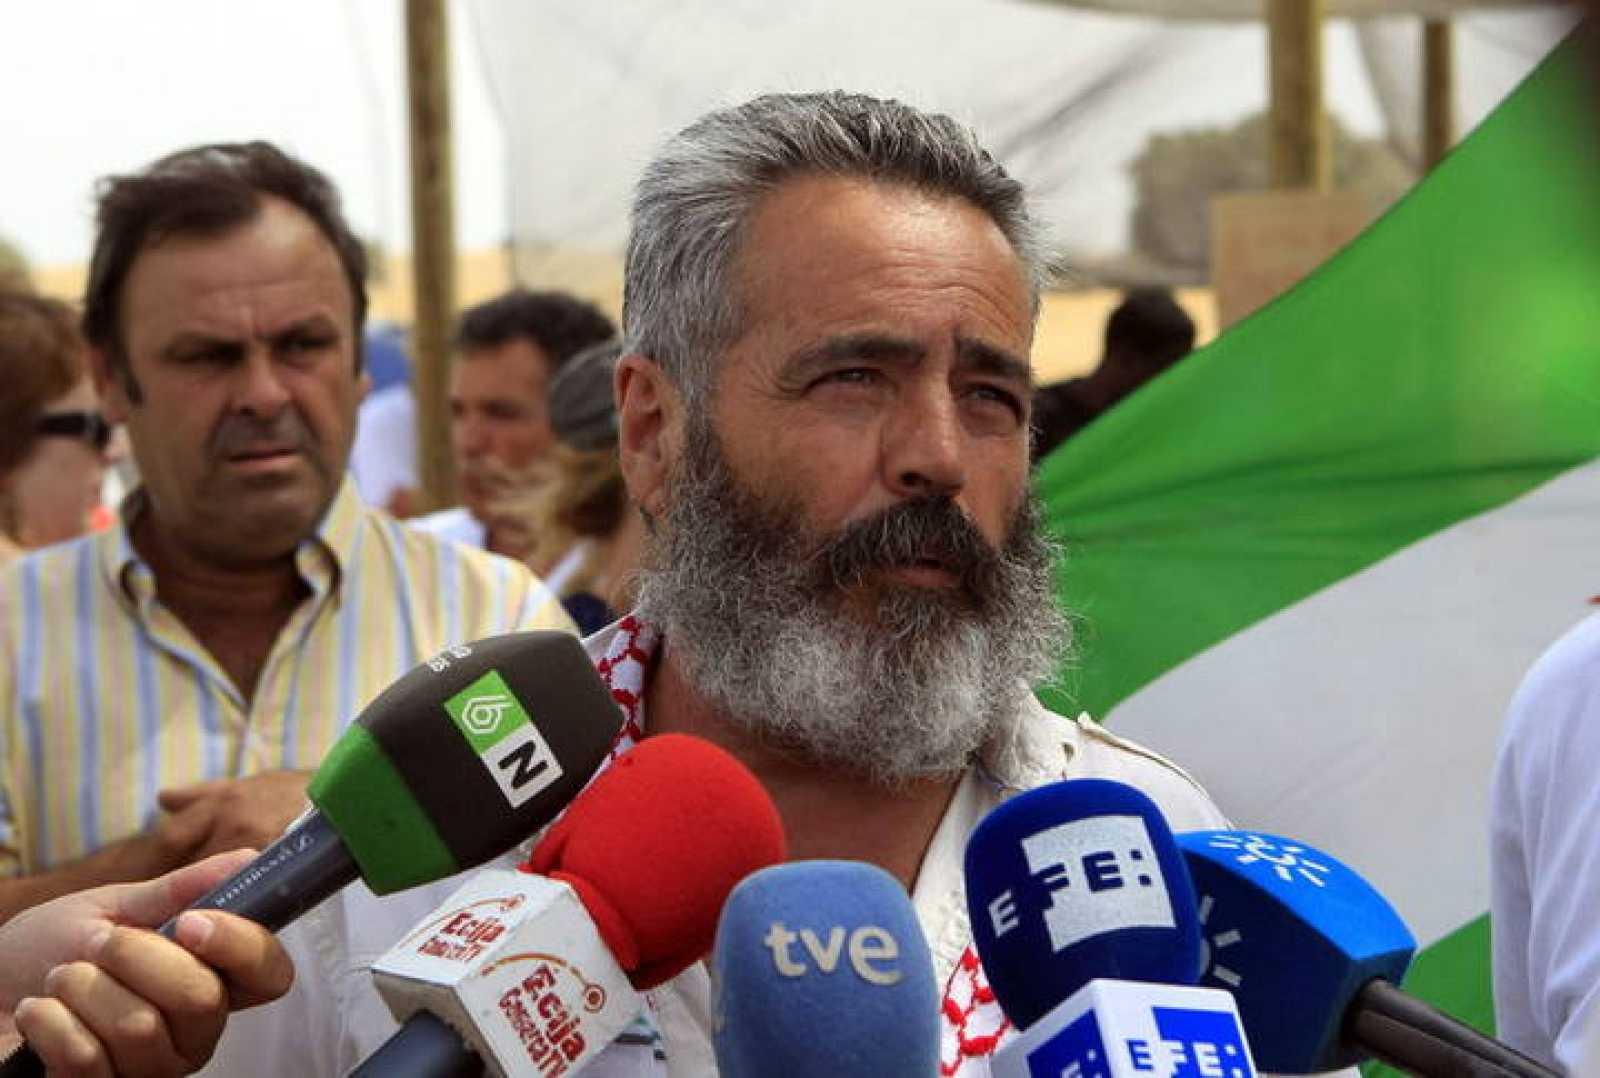 El alcalde de Marinaleda, Juan Manuel Sánchez Gordillo